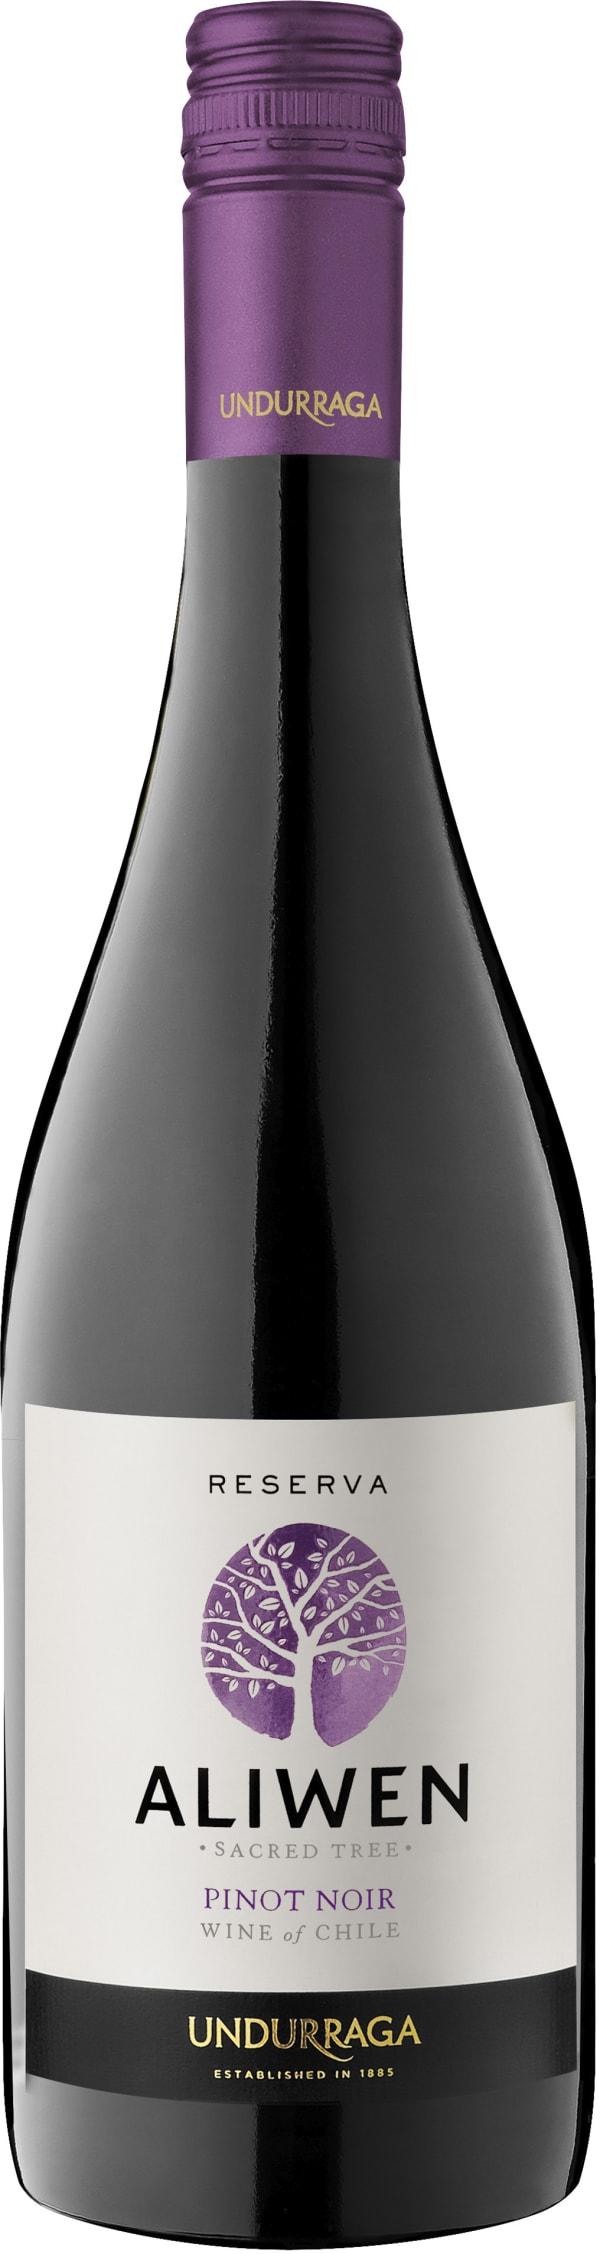 Aliwen Pinot Noir Reserva 2014